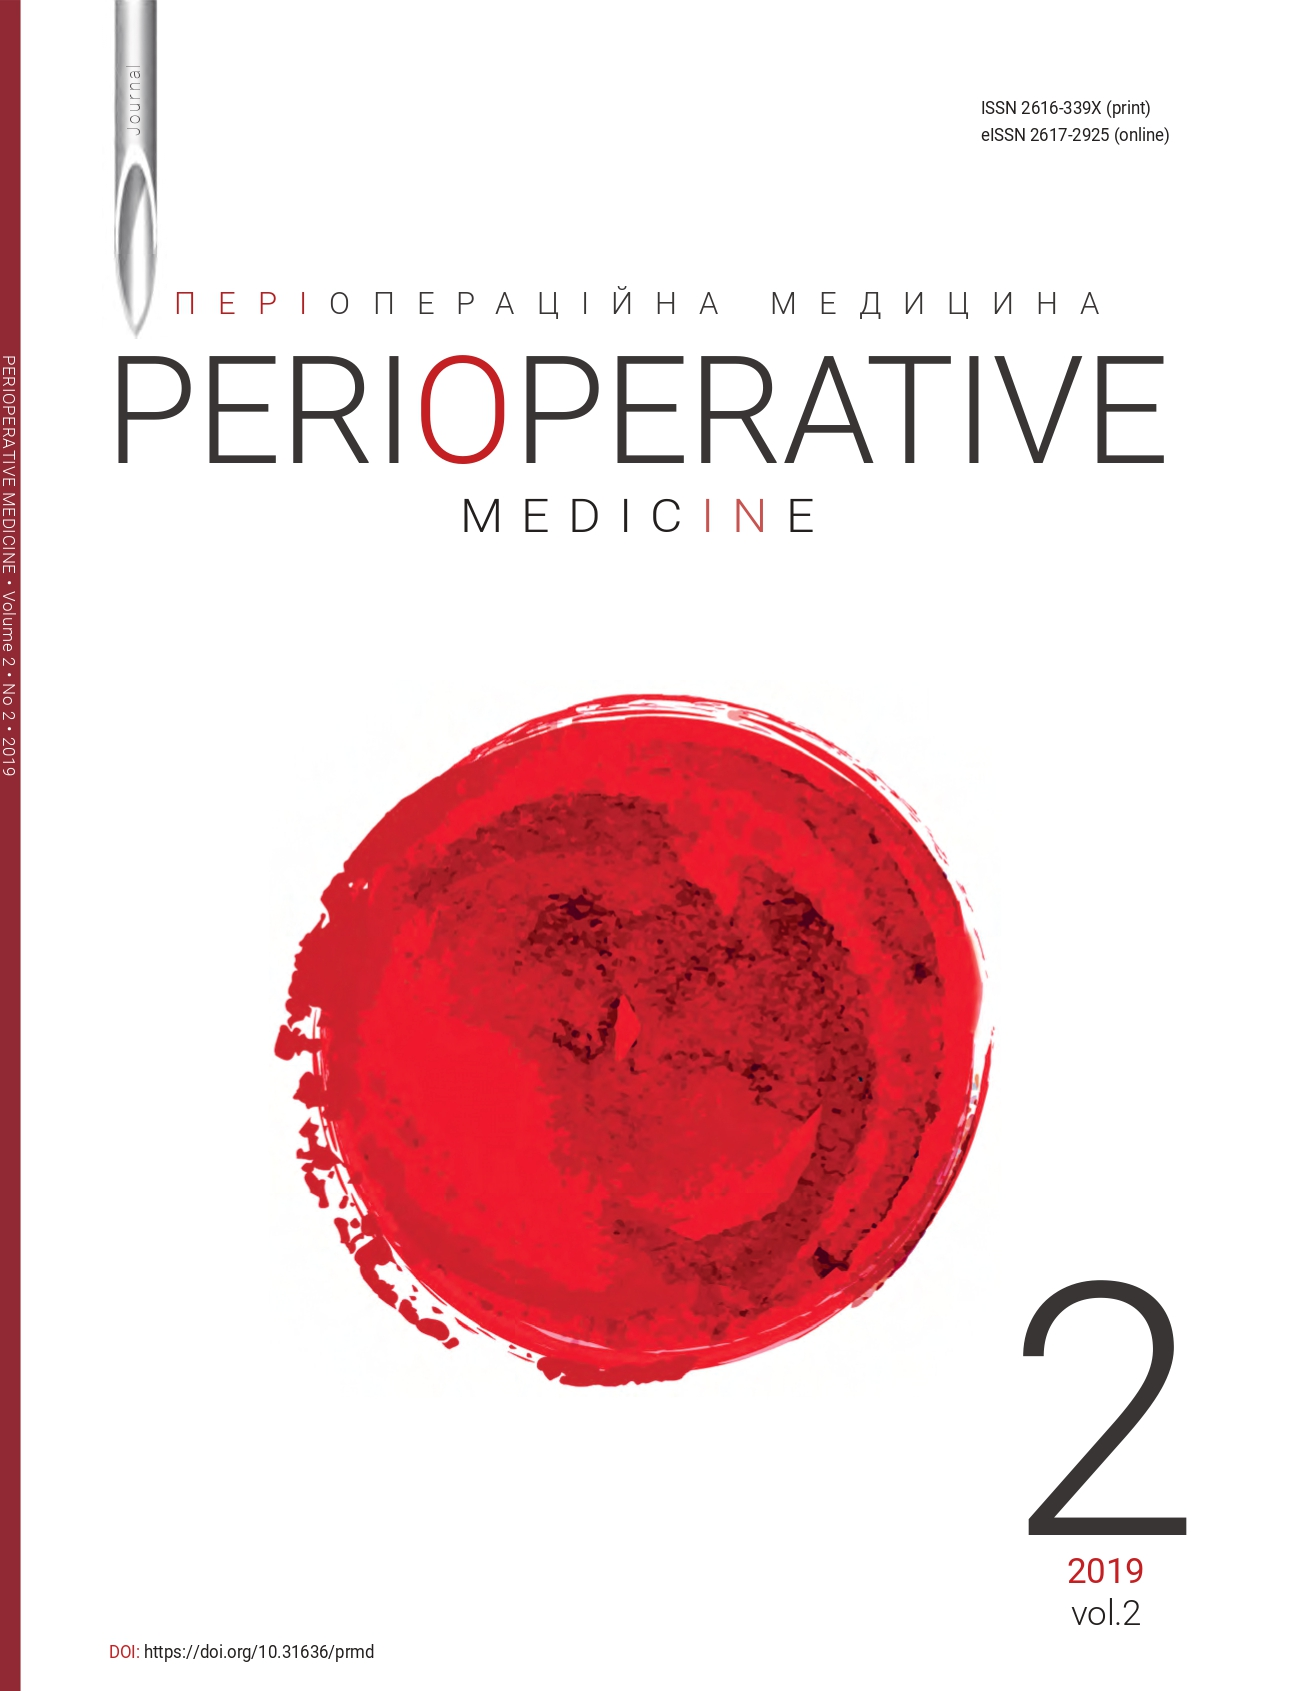 Perioperative Medicine 2 2019